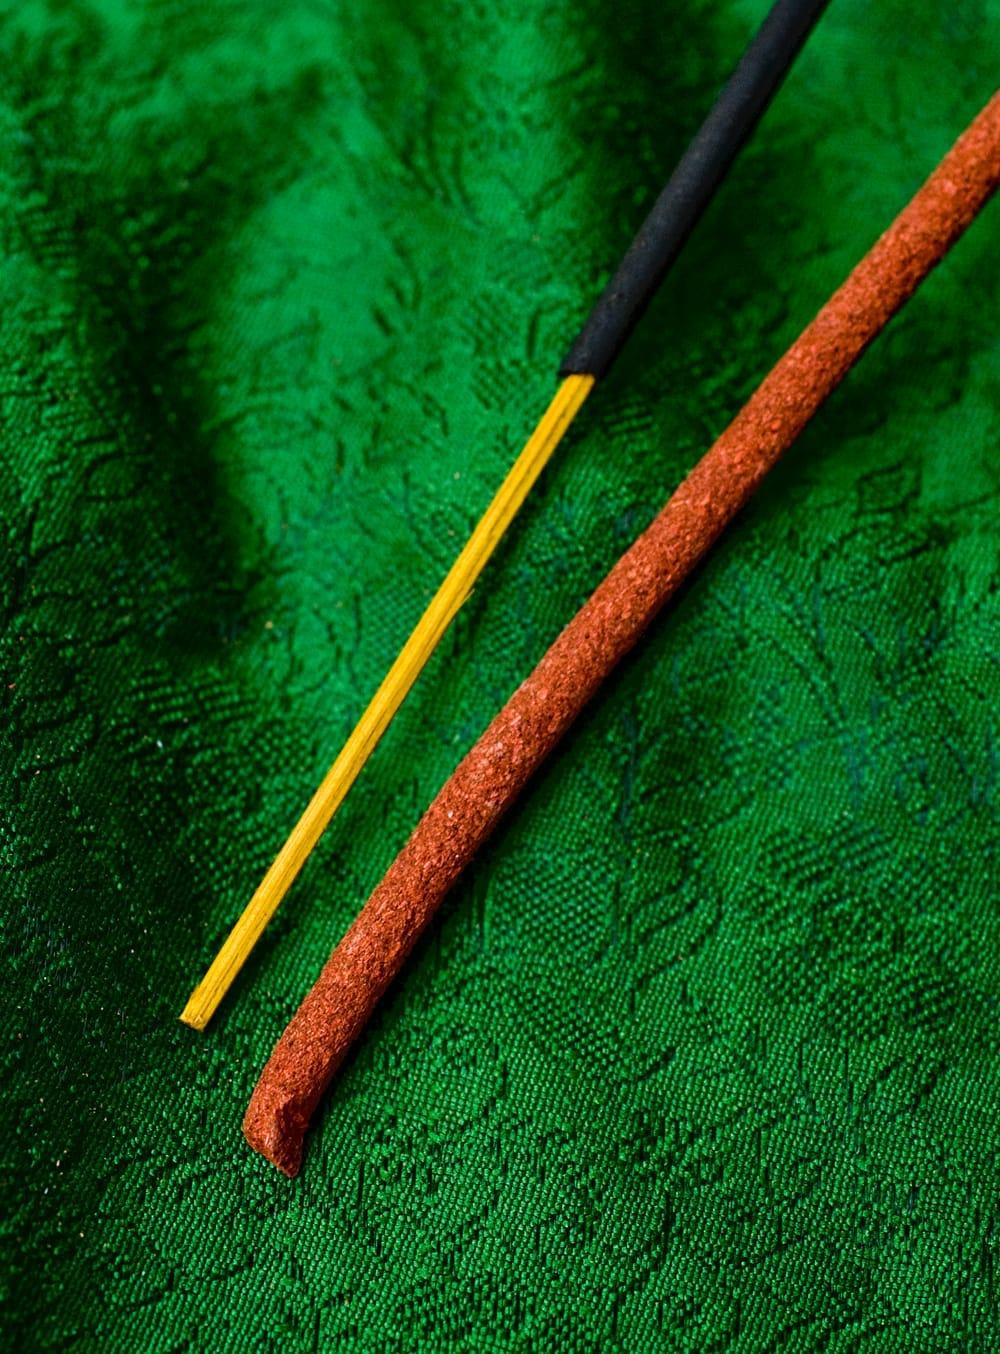 Mila Incense -聖地ミーラ香 4 - インド香との違いはこのようになります。細いほうがインド香で、太いほうがチベット香です。